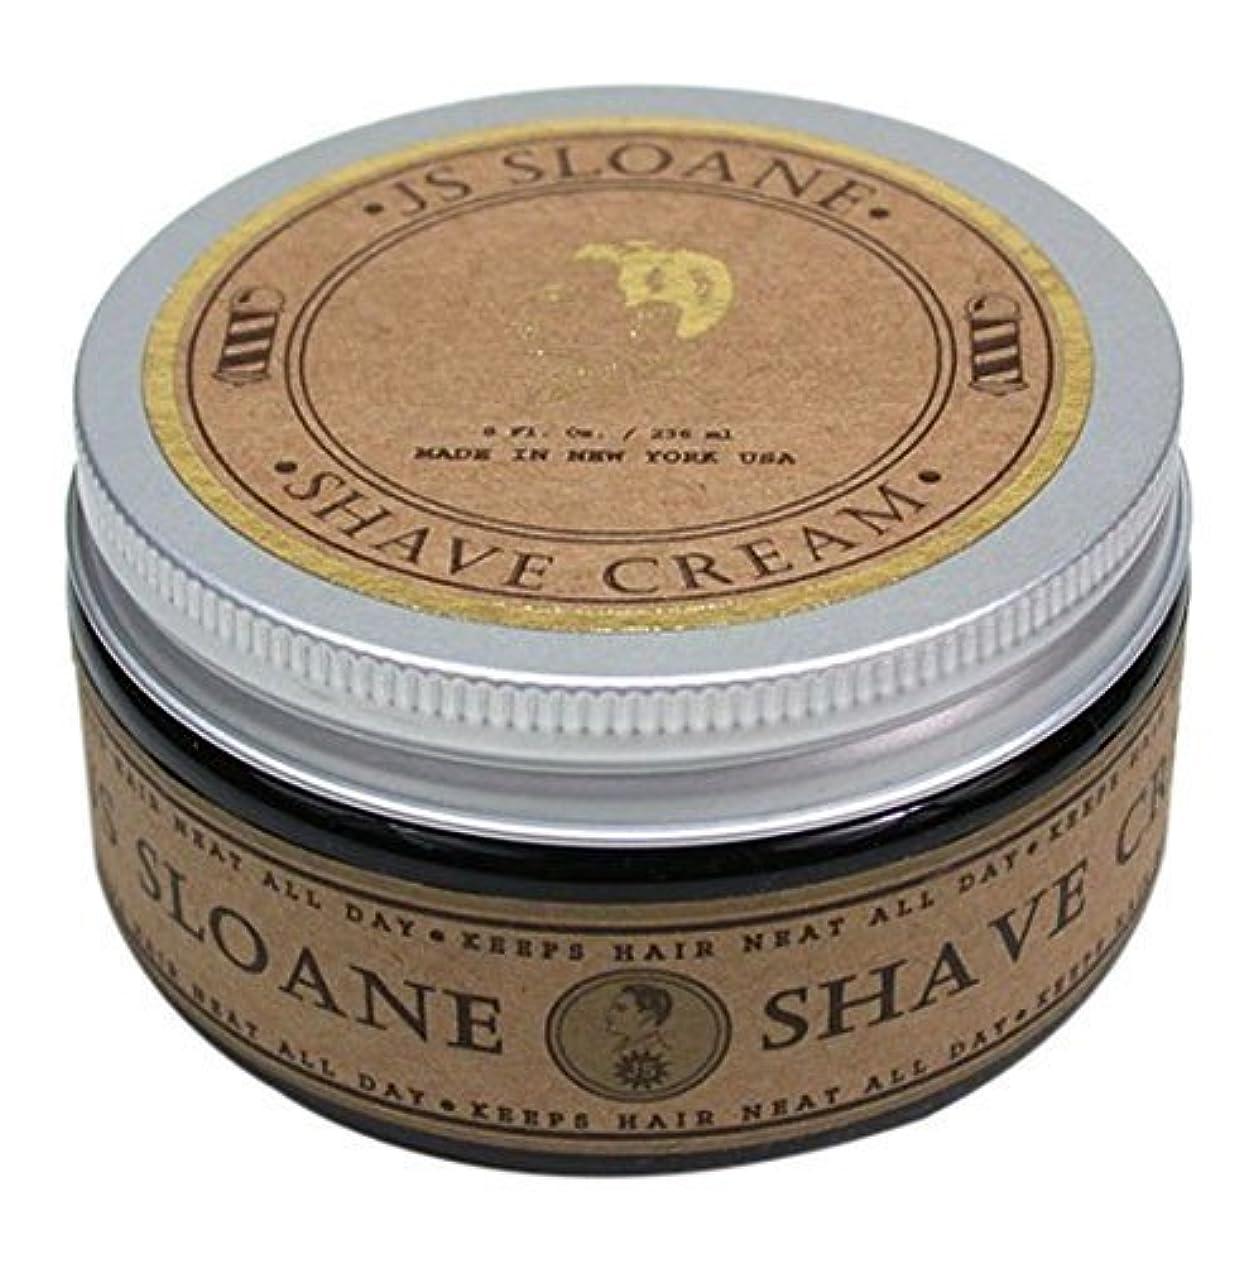 幻想的手当キャンディーJS Sloane ジェントルマンズ シェーブクリーム / Gentlemen's Shave Cream , 8oz (236mL)